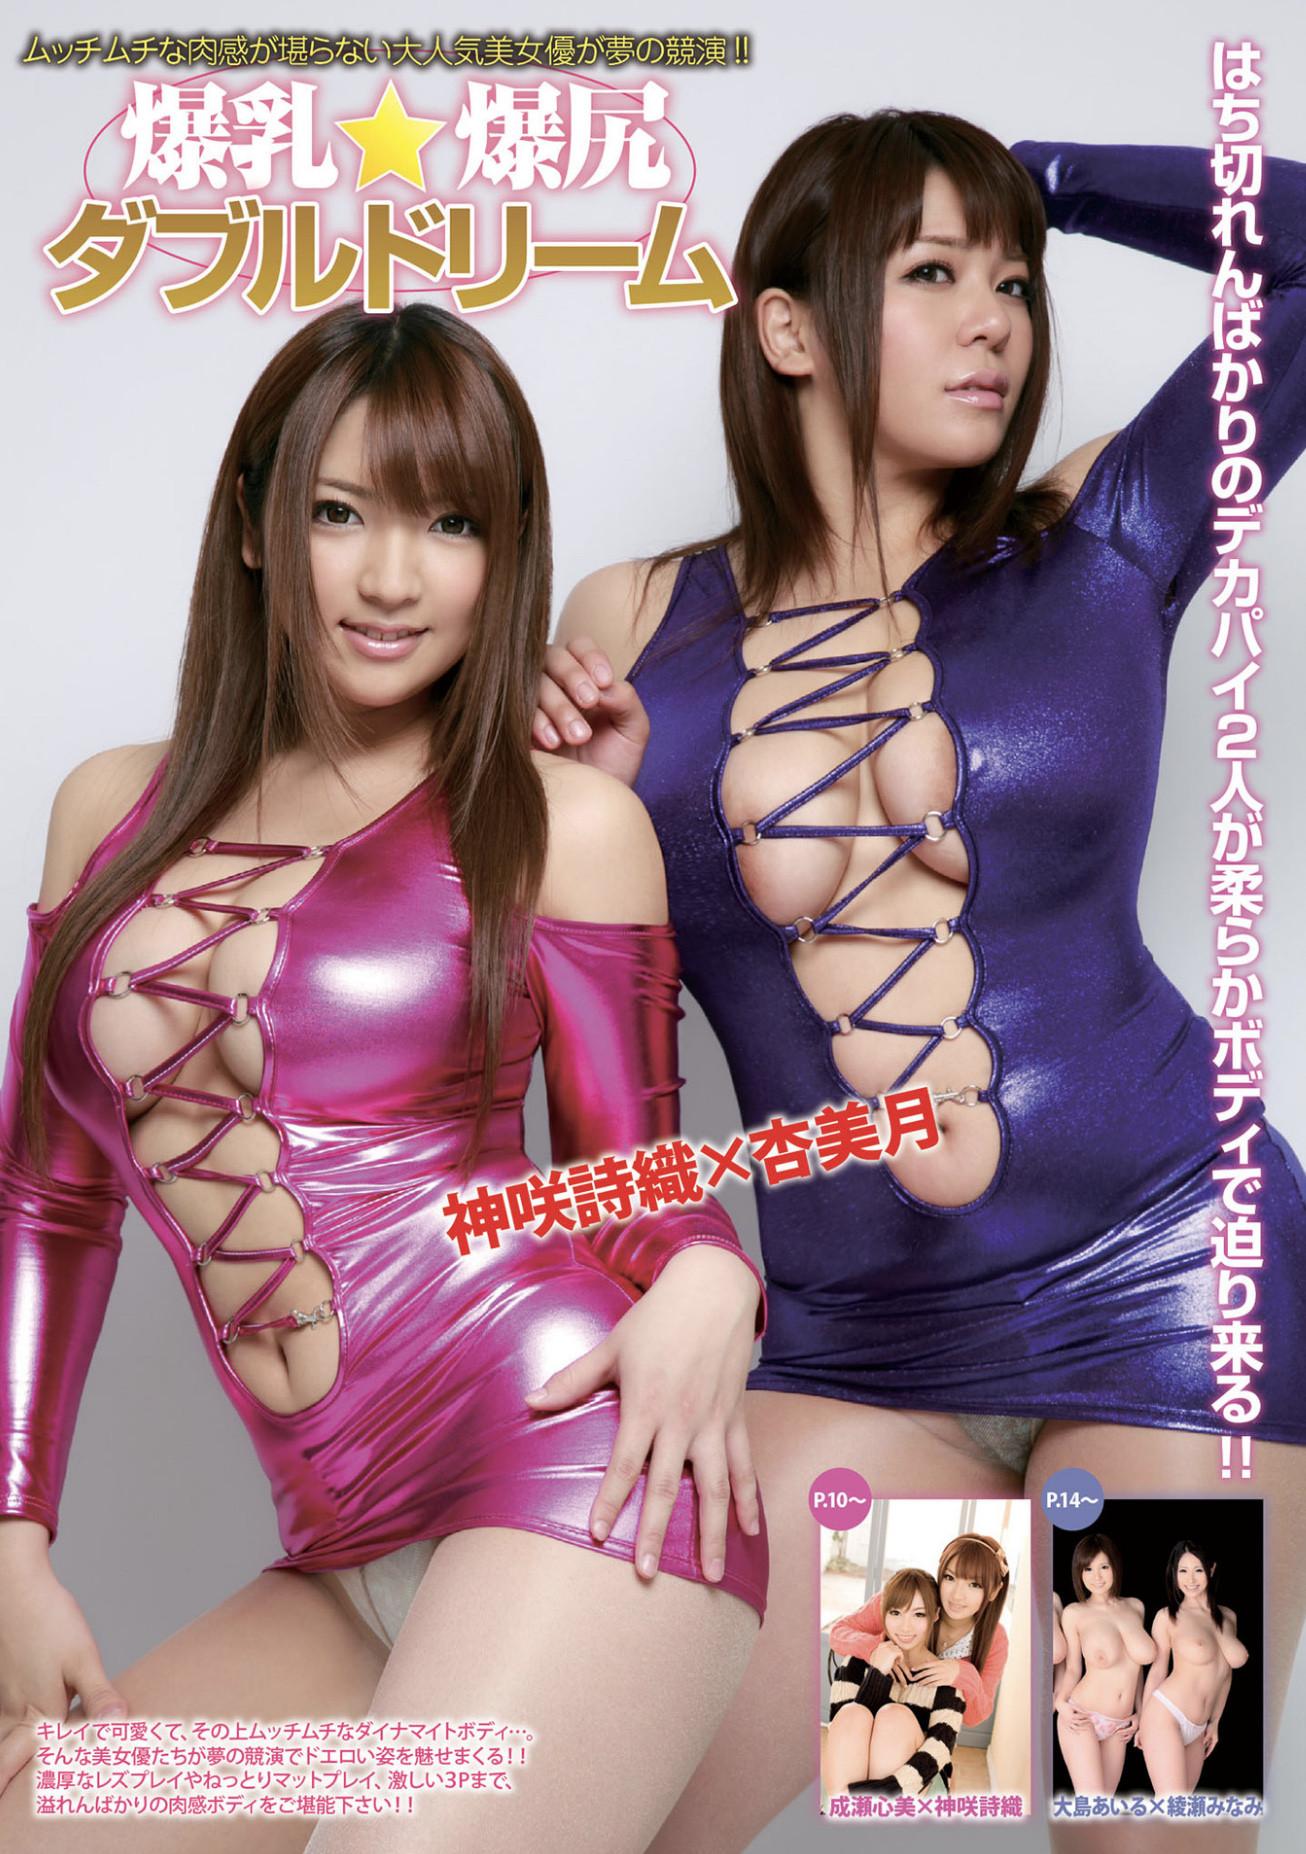 ムチムチ女子と即ハメハメ! イイオンナシリーズ photo 002